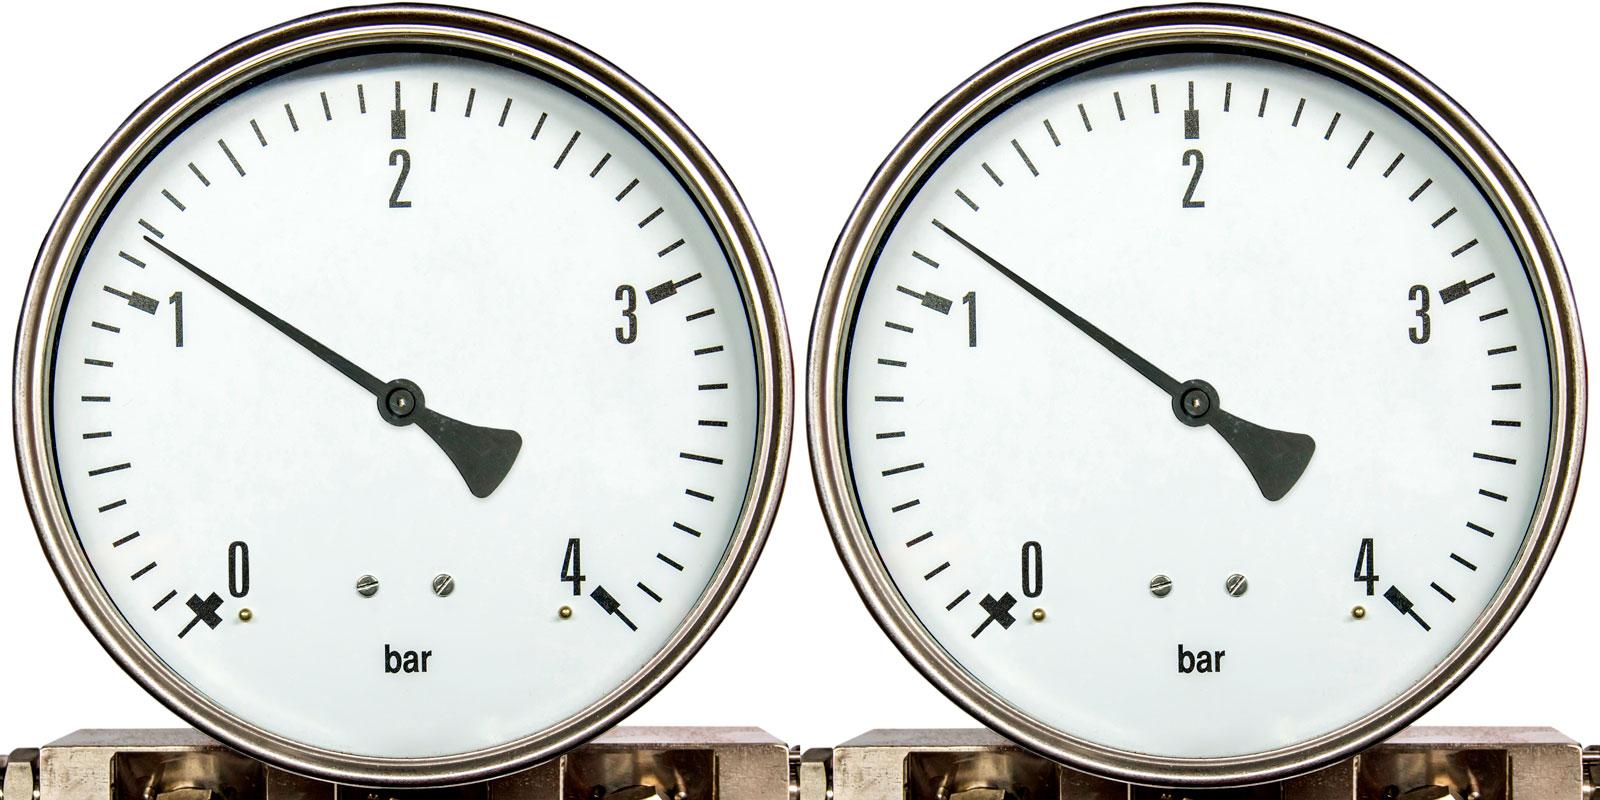 pressure-gauges_pointers_1600x800px-v1.jpg